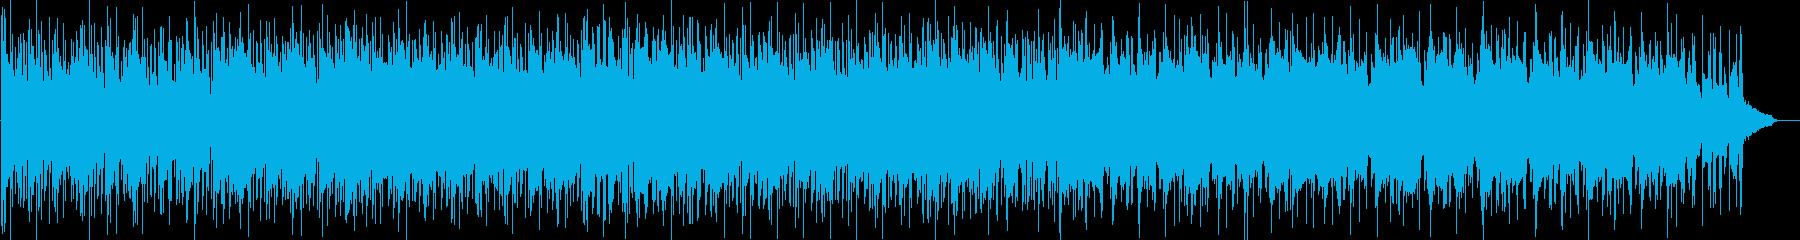 幻想的な変拍子インストの再生済みの波形